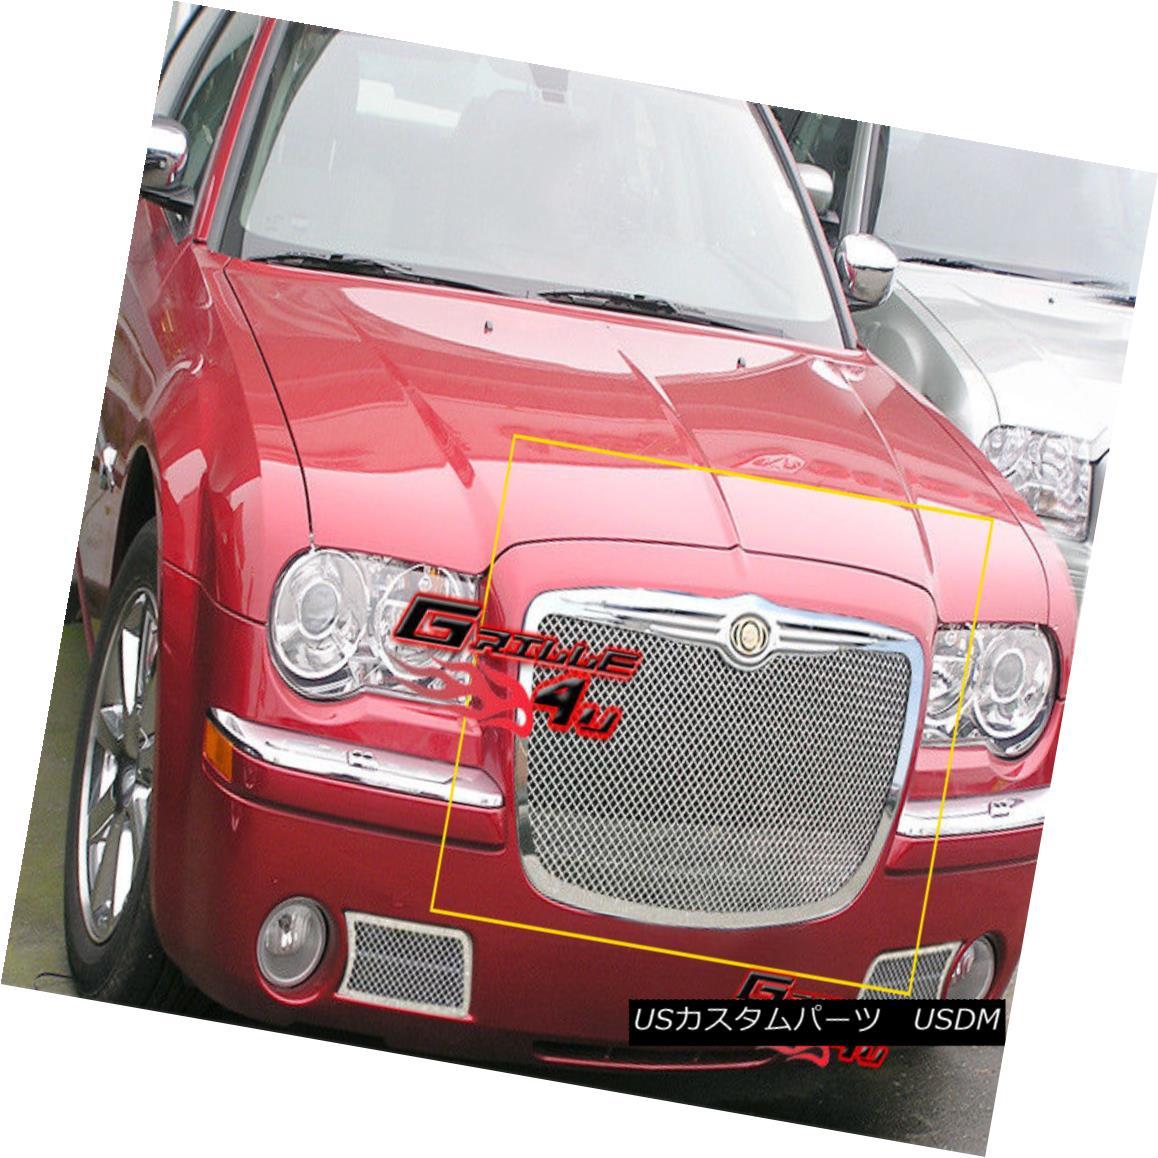 グリル Fits 05-10 Chrysler 300/300C Stainless Steel Mesh Grille 適合05-10クライスラー300 / 300Cステンレススチールメッシュグリル